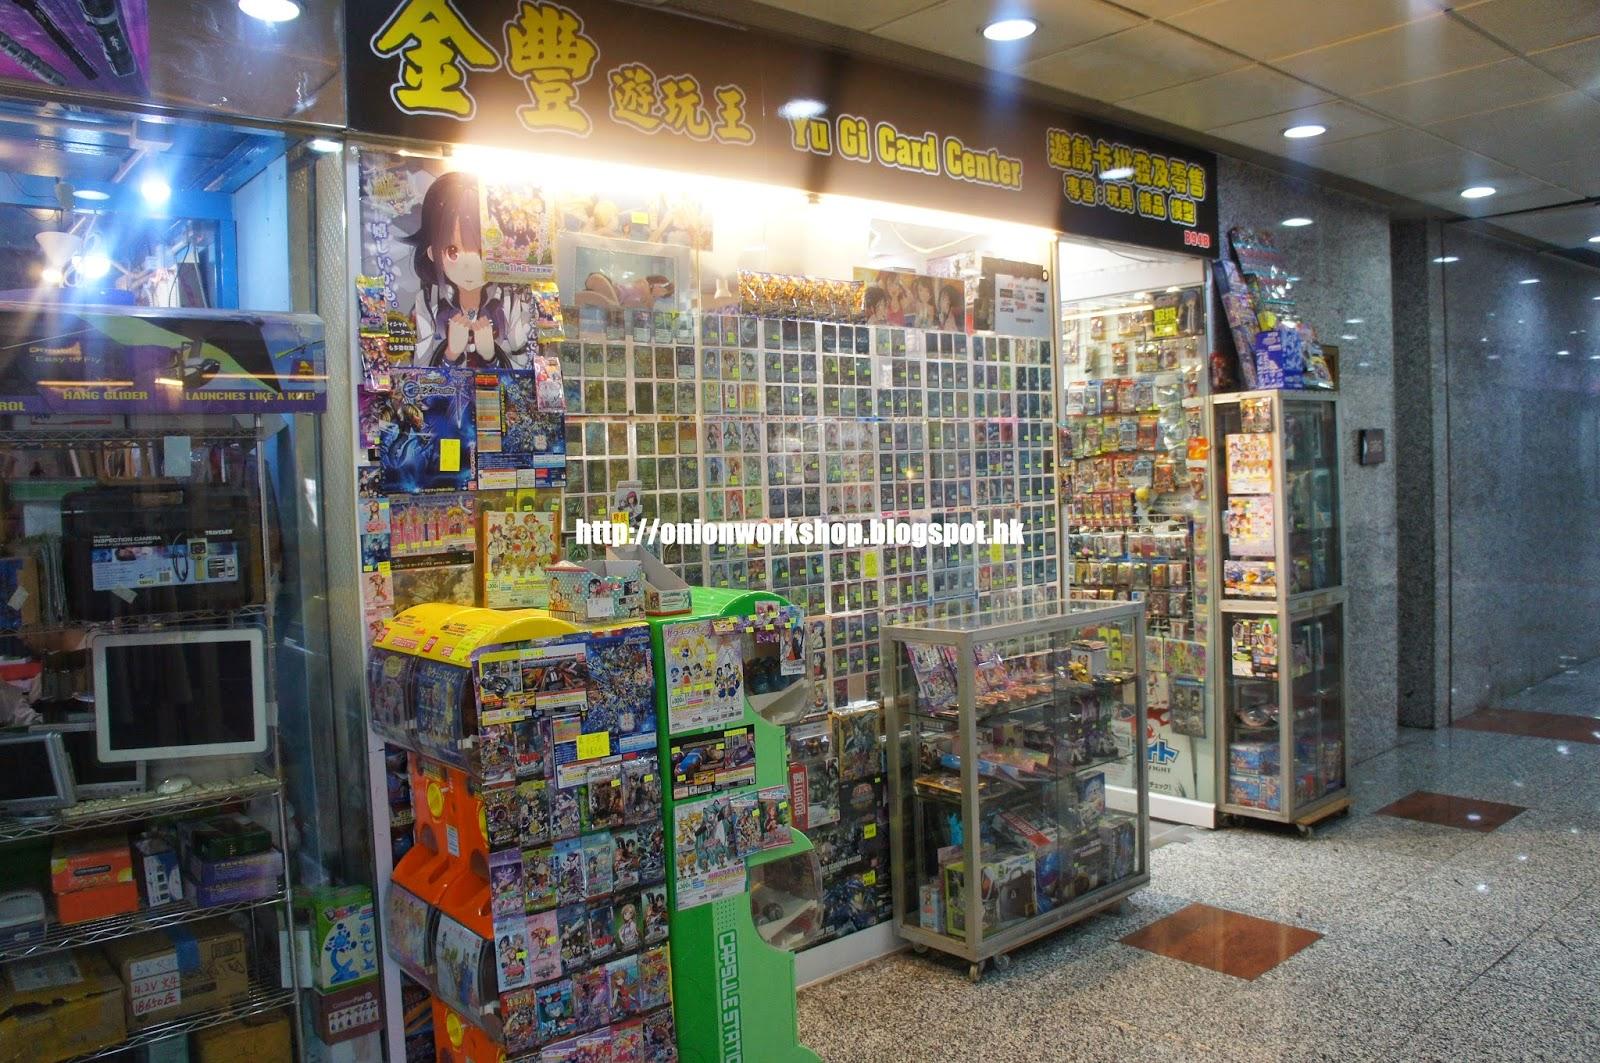 商場 | [組圖+影片] 的最新詳盡資料** (必看!!) - www.go2tutor.com